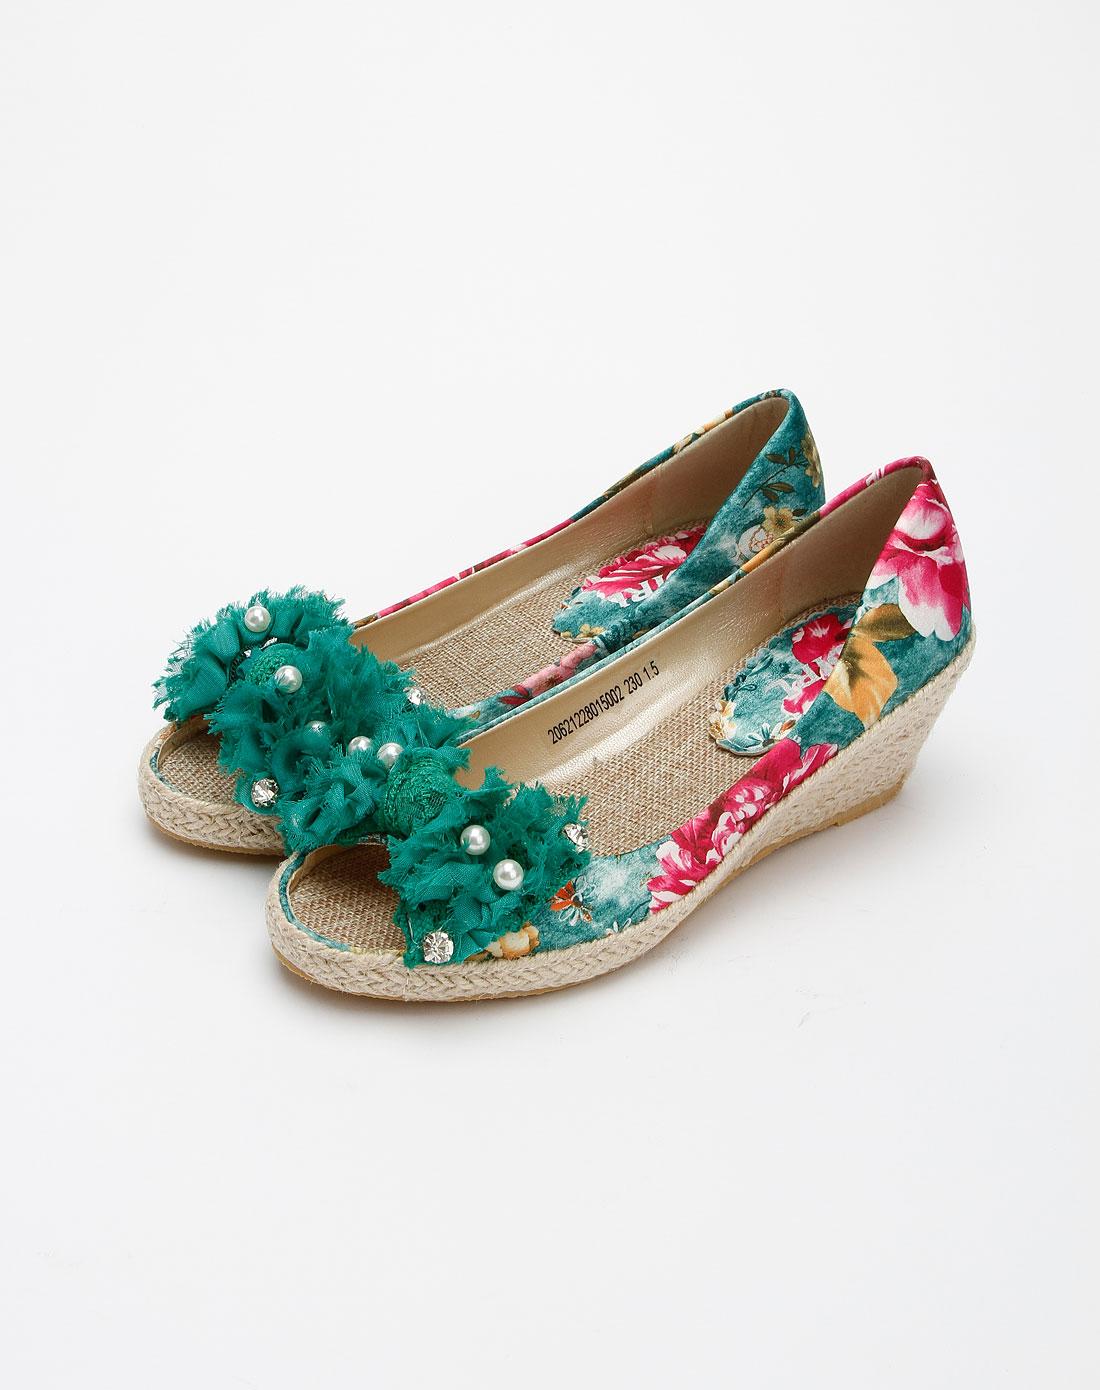 女款绿色甜美可爱珍珠花朵坡跟鱼嘴鞋